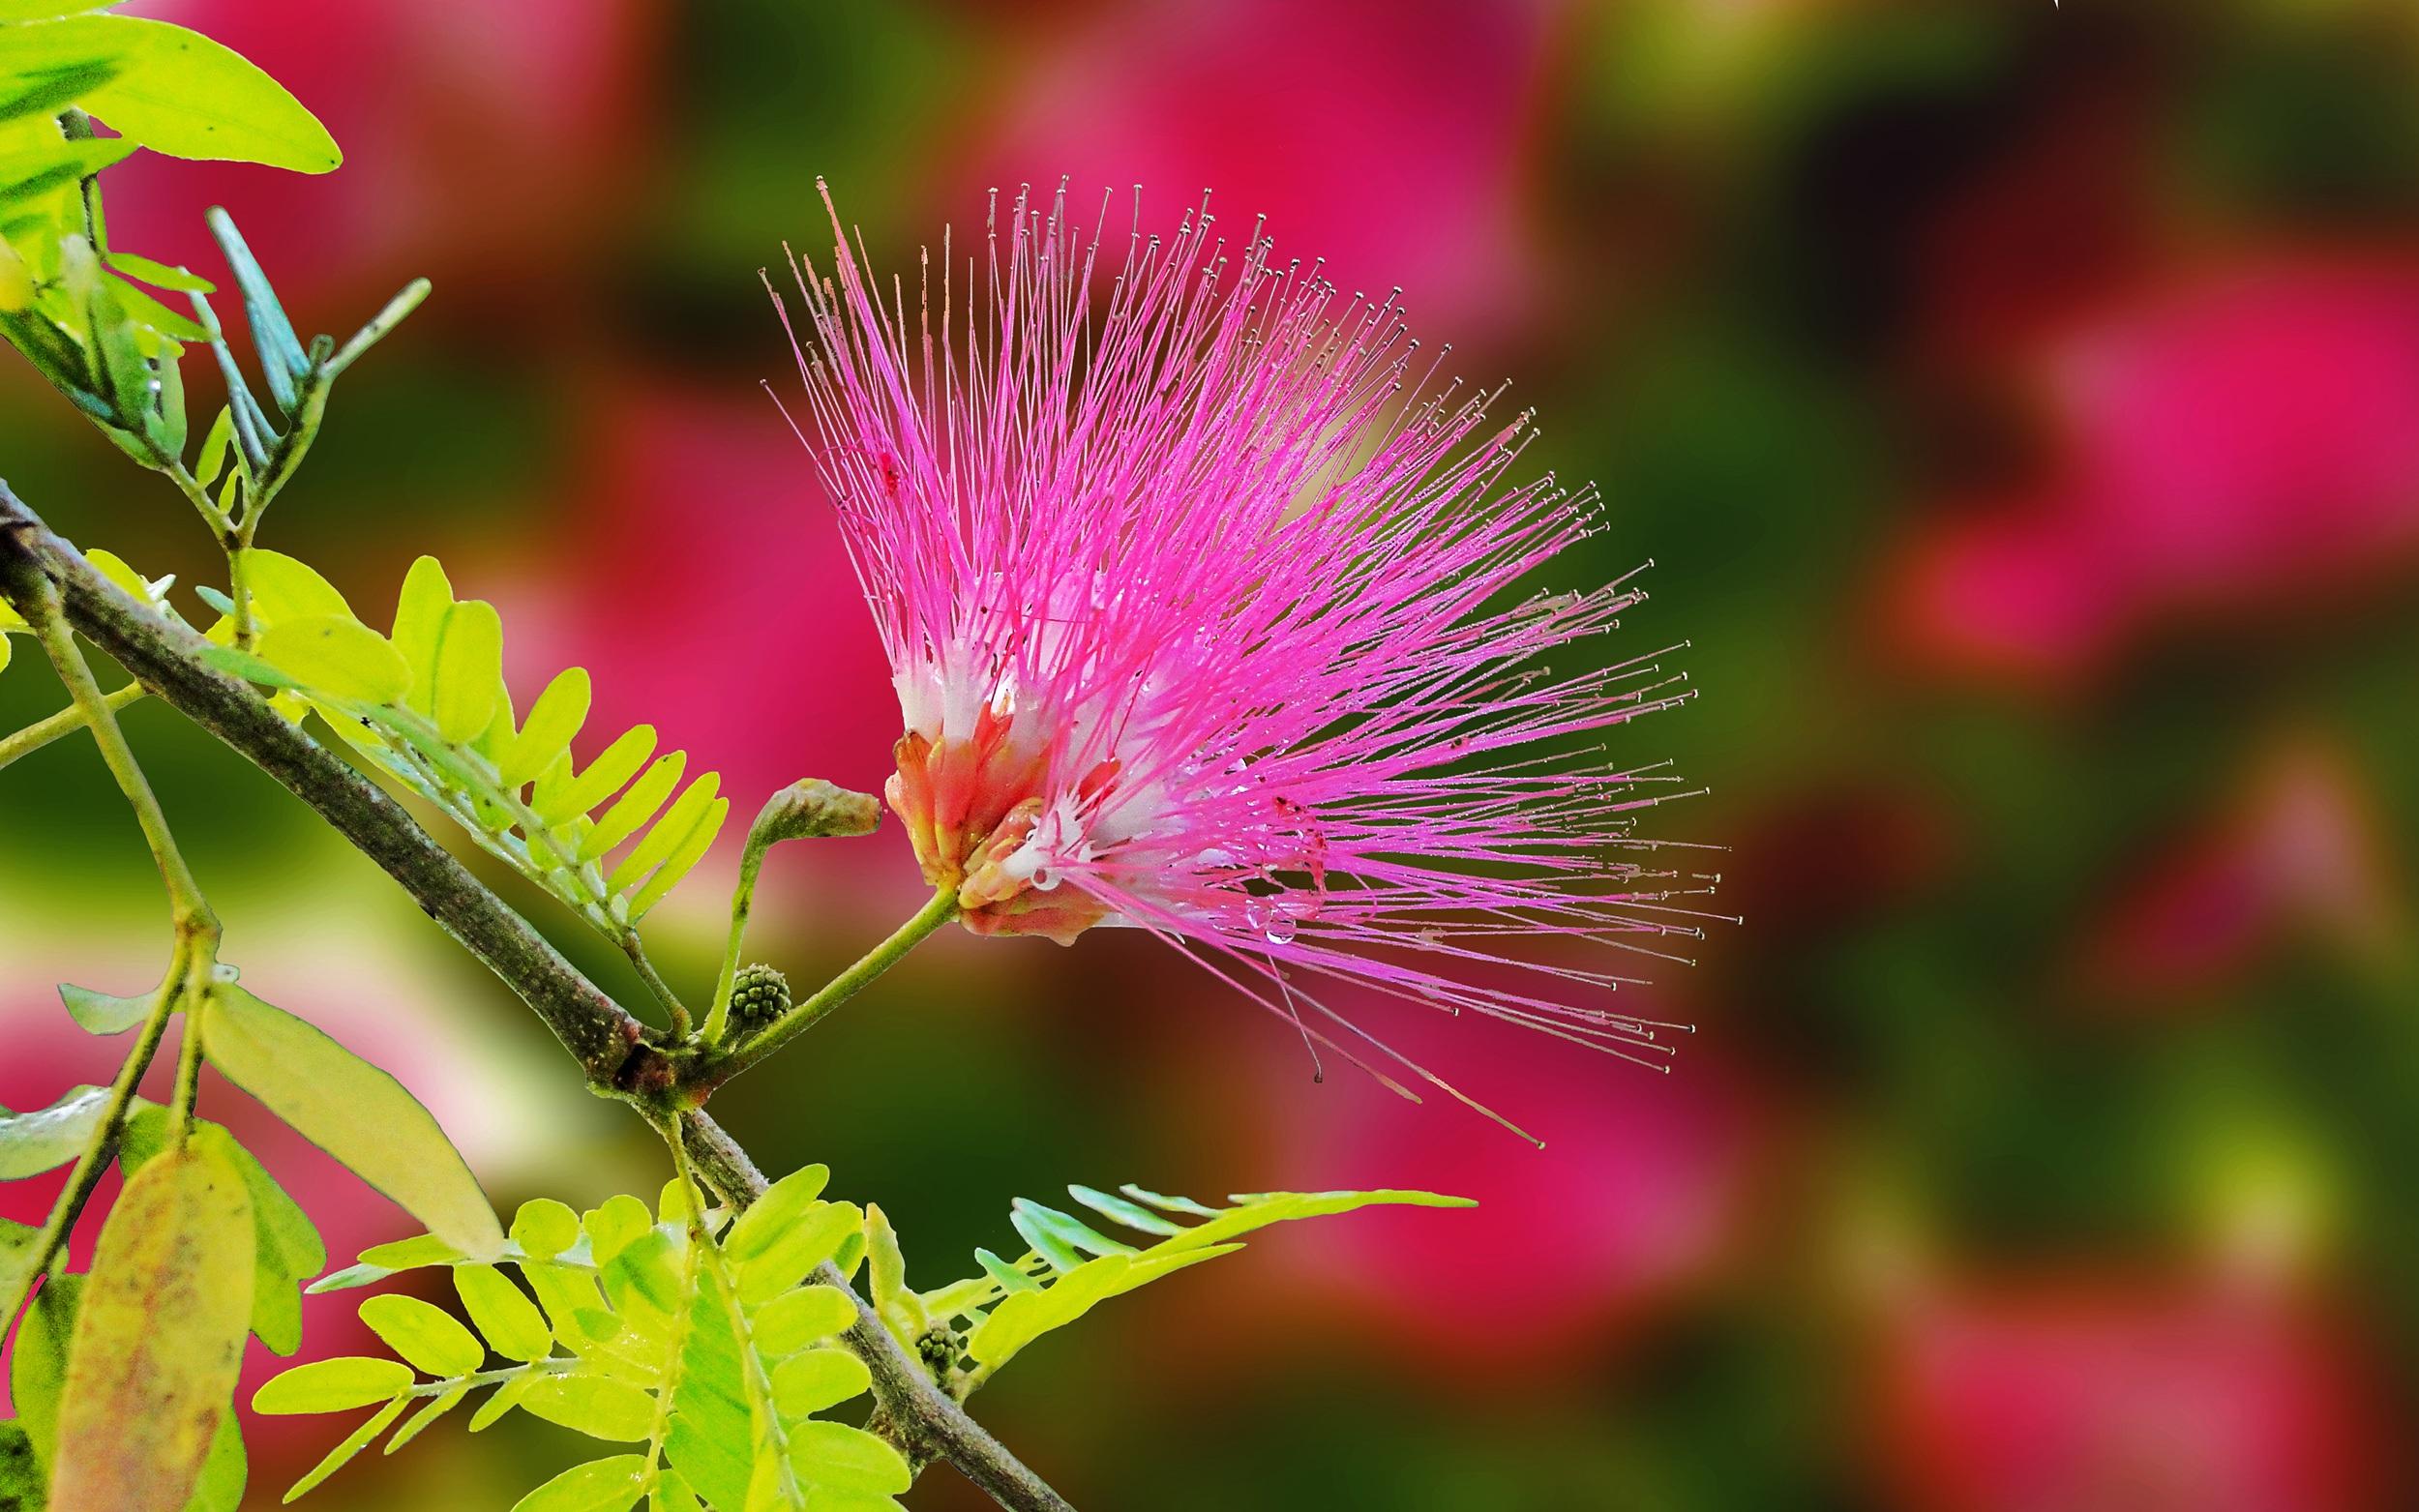 free images : nature, blossom, leaf, petal, autumn, botany, flora